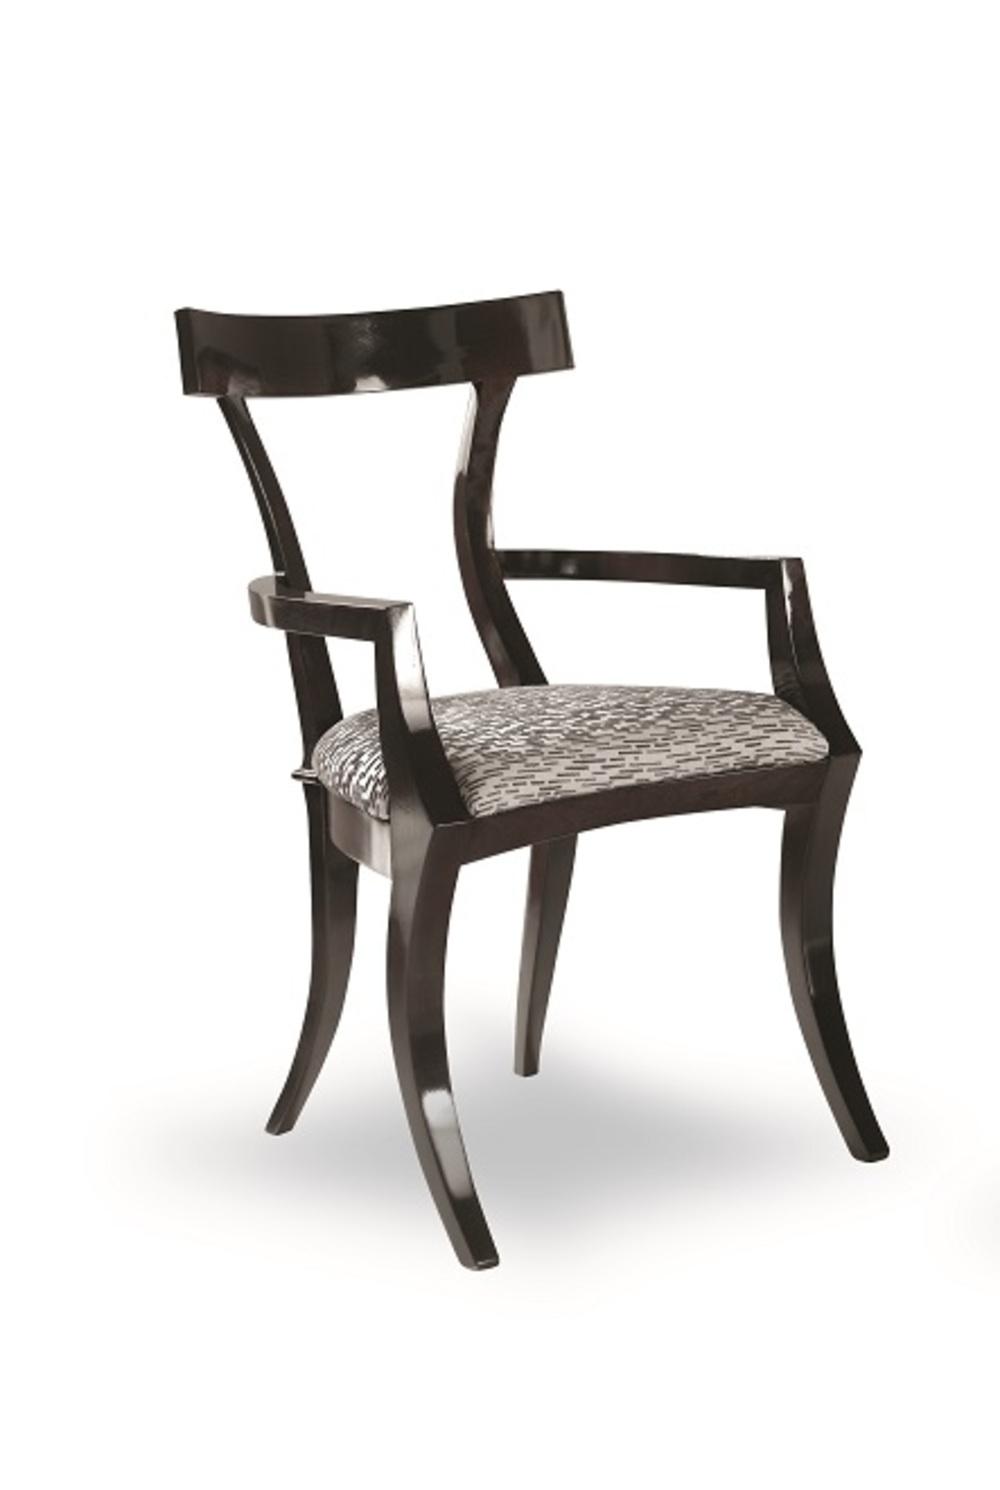 Hurtado - Chairs Arm Chair